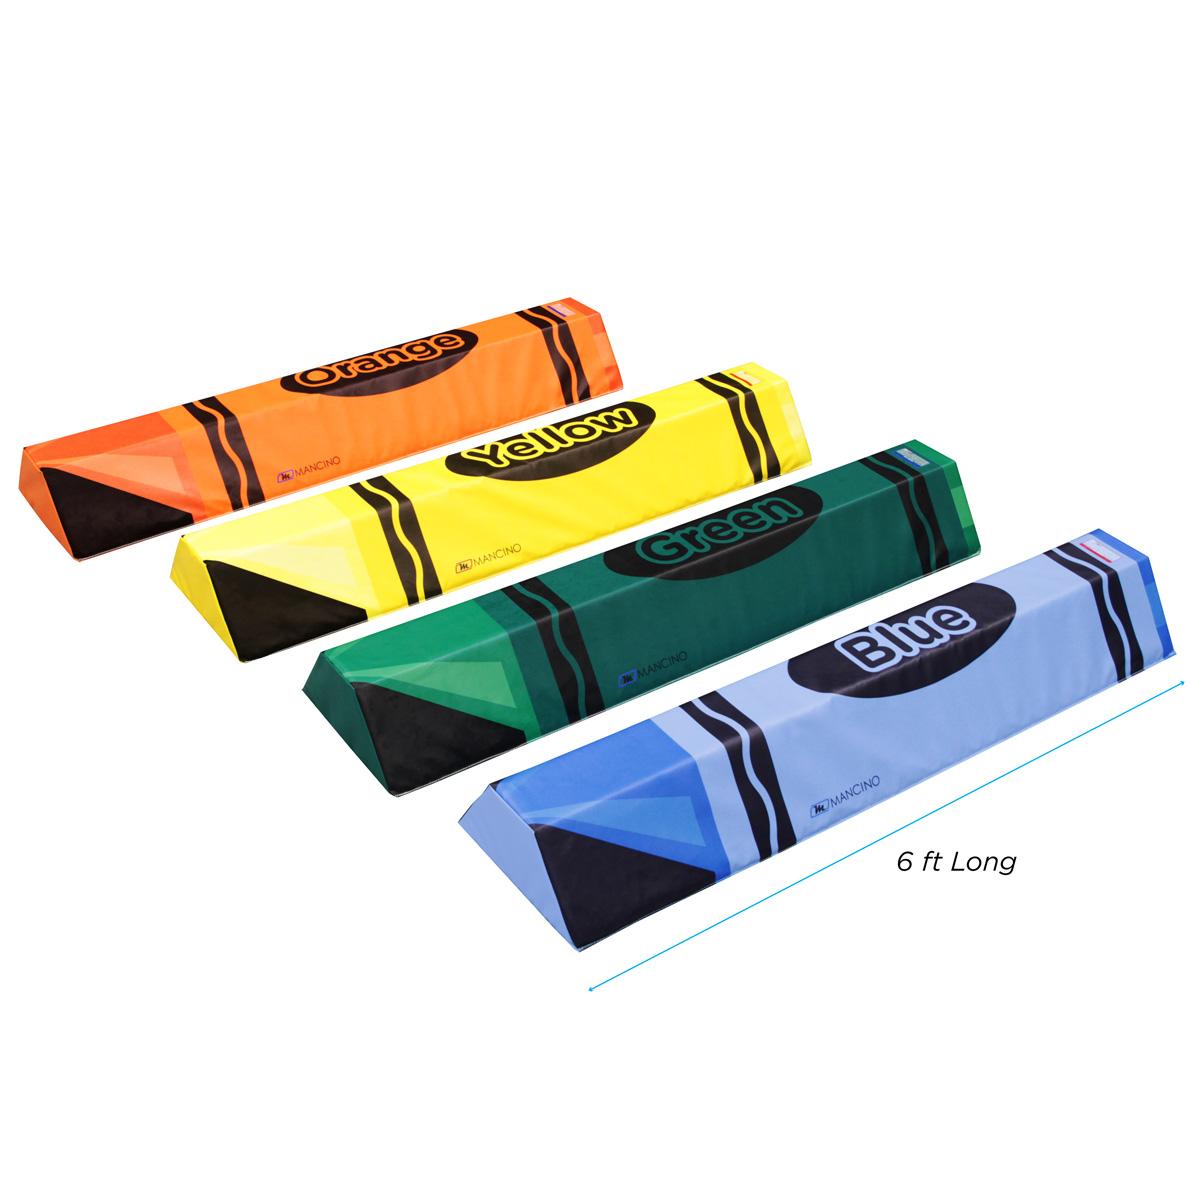 set of 4 6 foot foam training beam mats - mancino mats